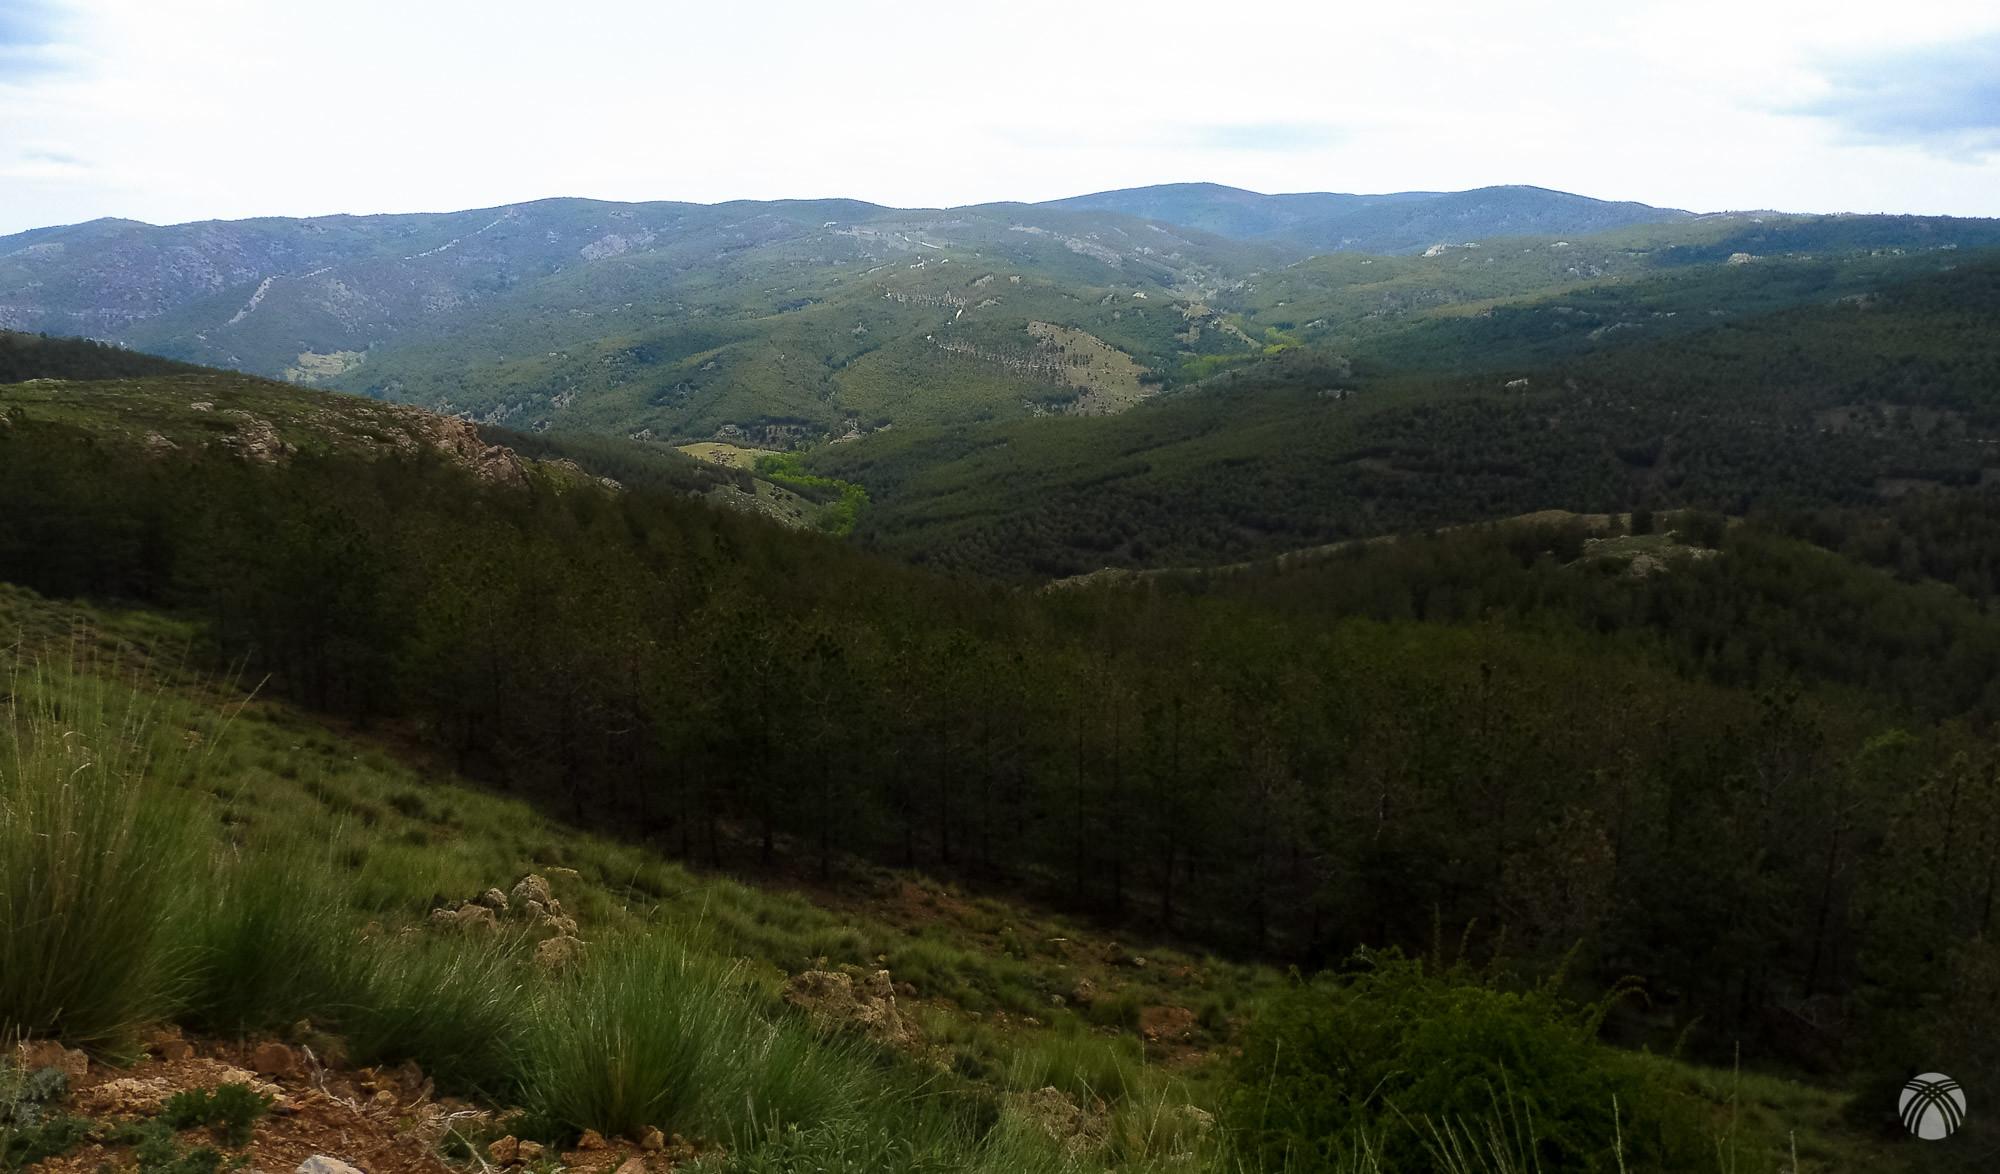 Cabecera del Arroyo Bodurria desde las faldas del Calar de Rapa